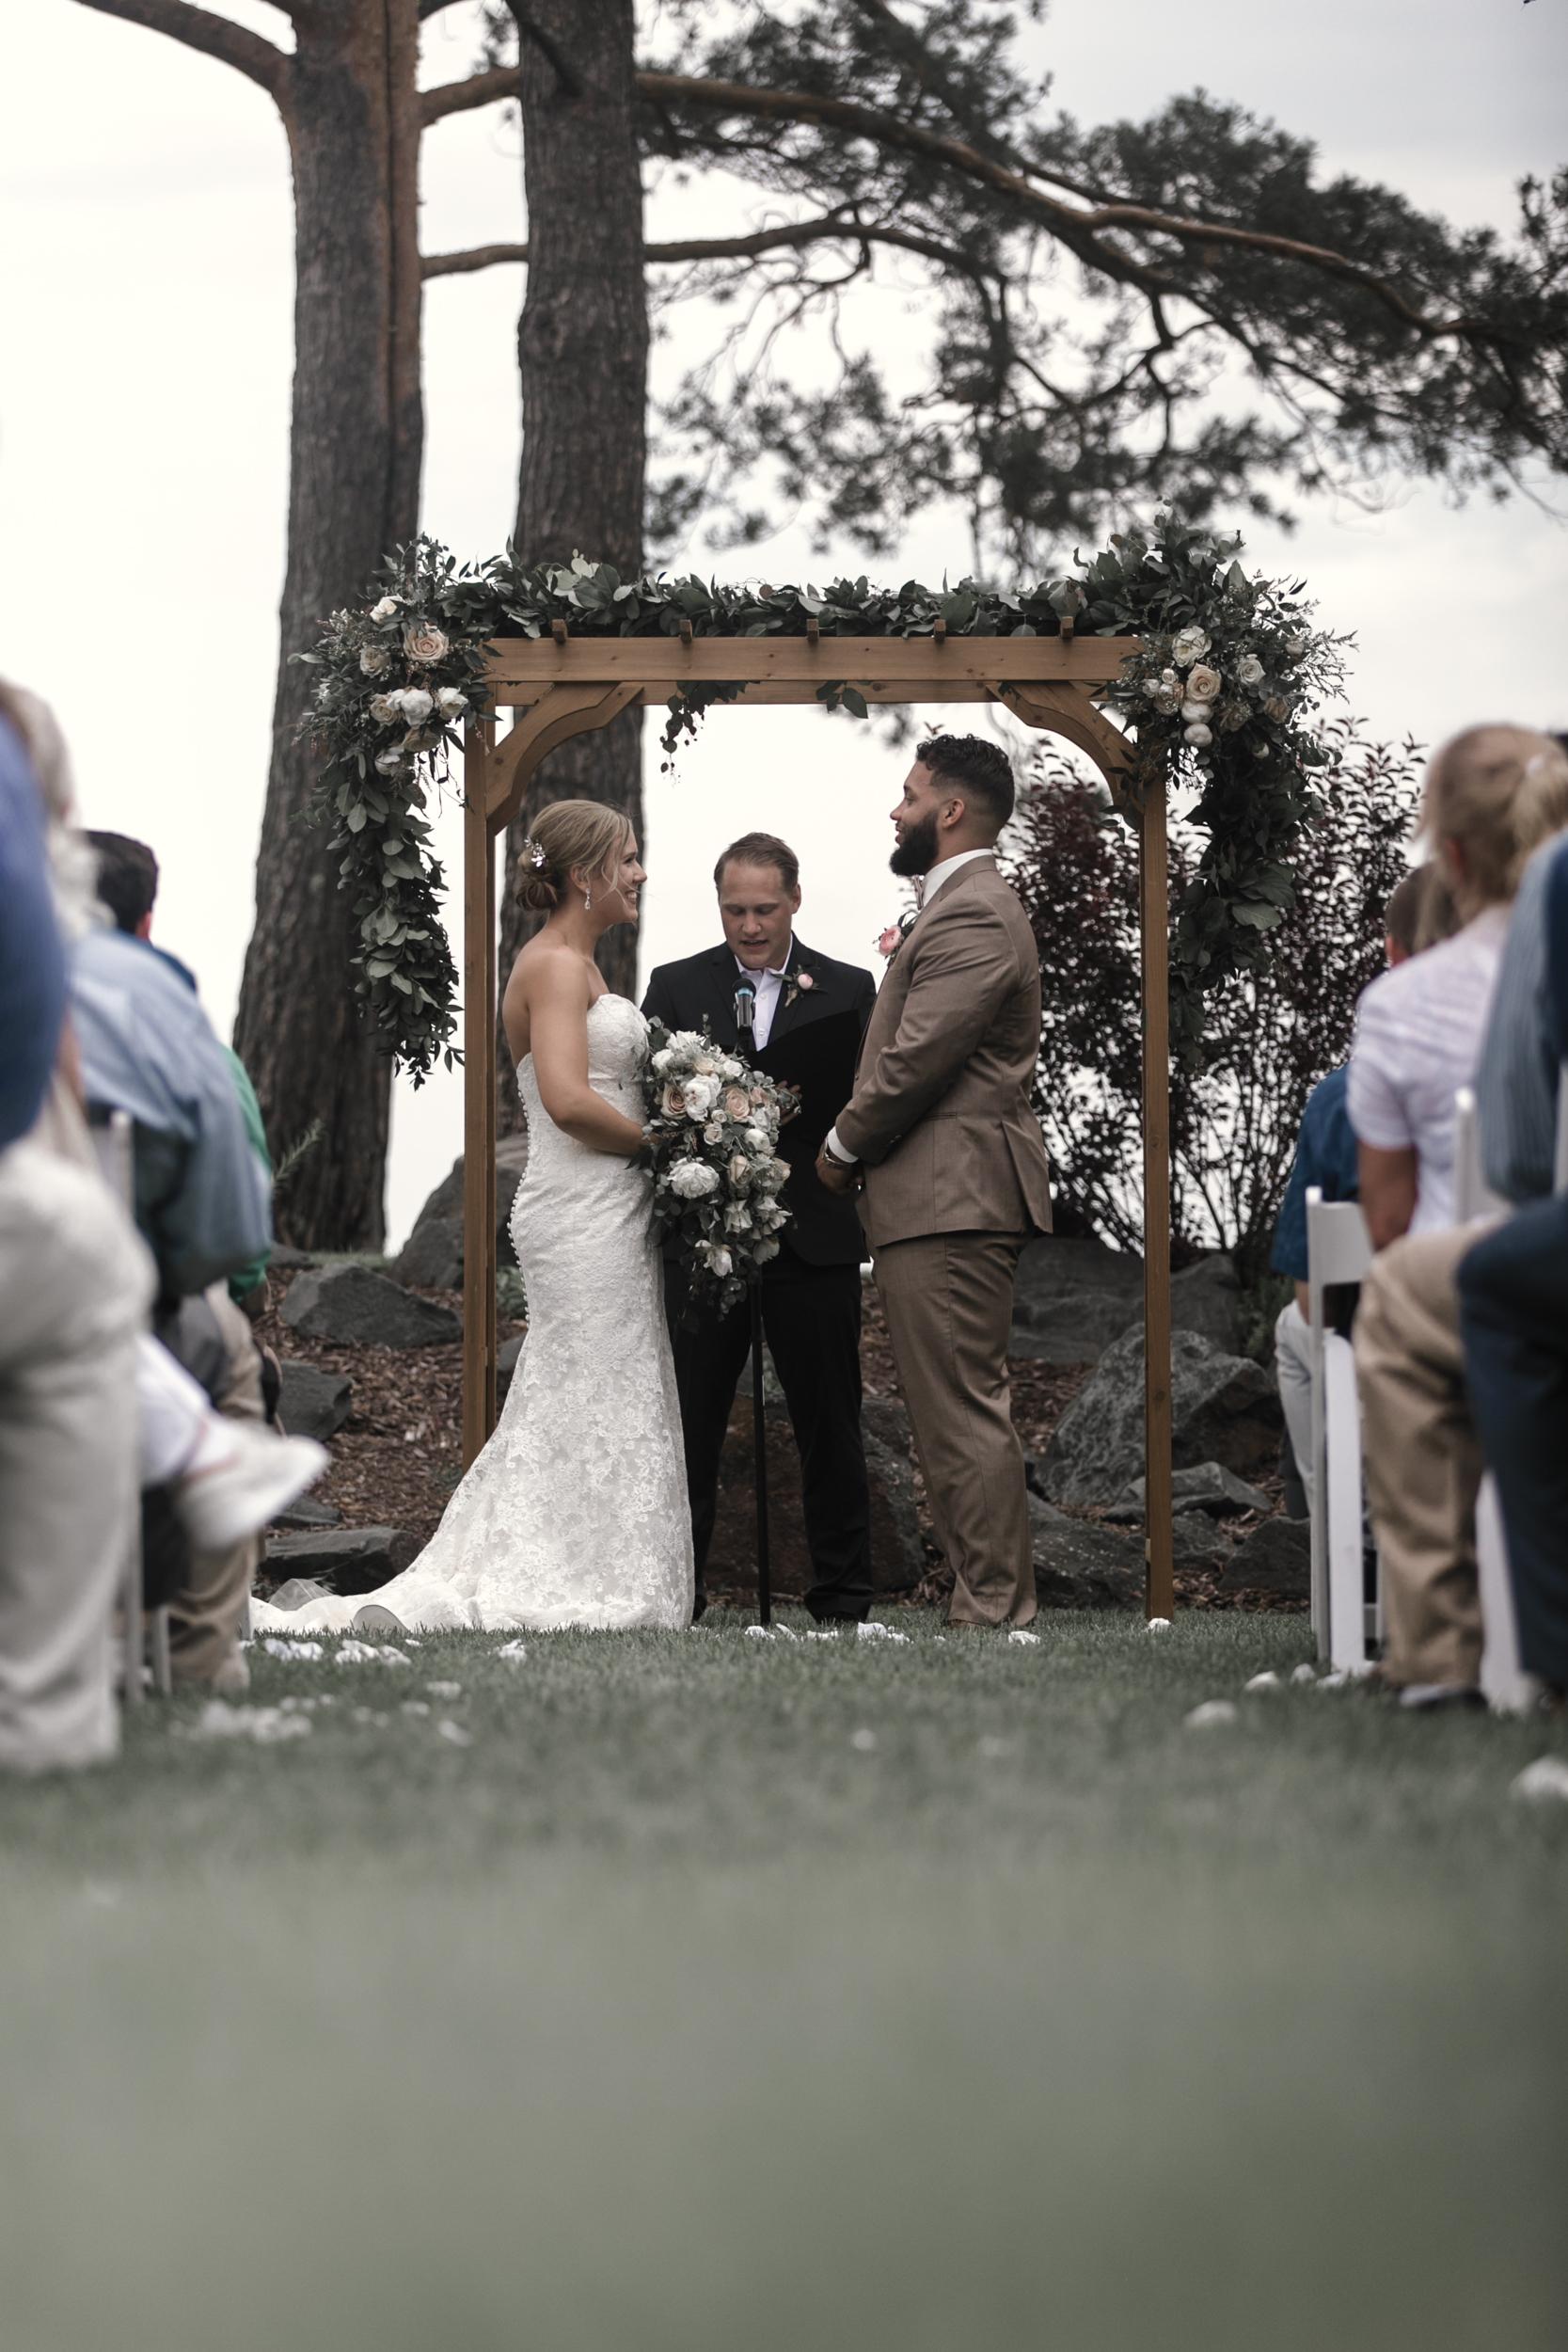 dellwood country club wedding*, Dellwood Country Club*, golf course wedding*, green golf course*, rose pink wedding details*-www.rachelsmak.com38.jpg